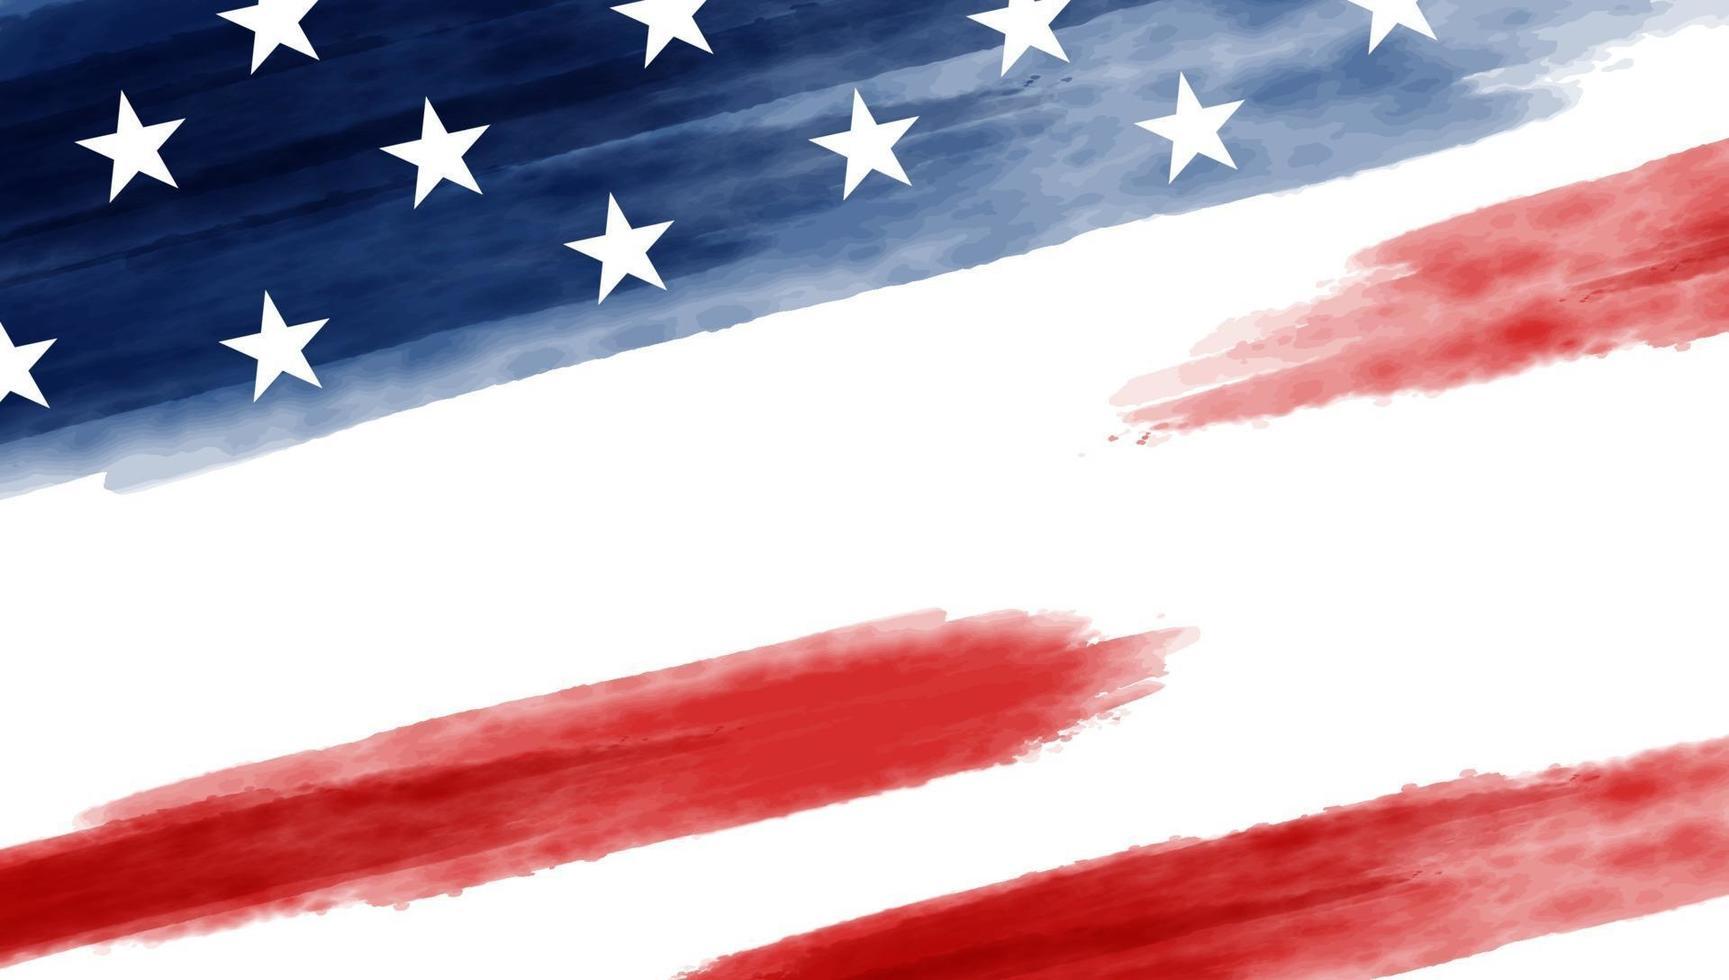 conception de fond de drapeau usa ou amérique d'aquarelle sur illustration vectorielle fond blanc vecteur